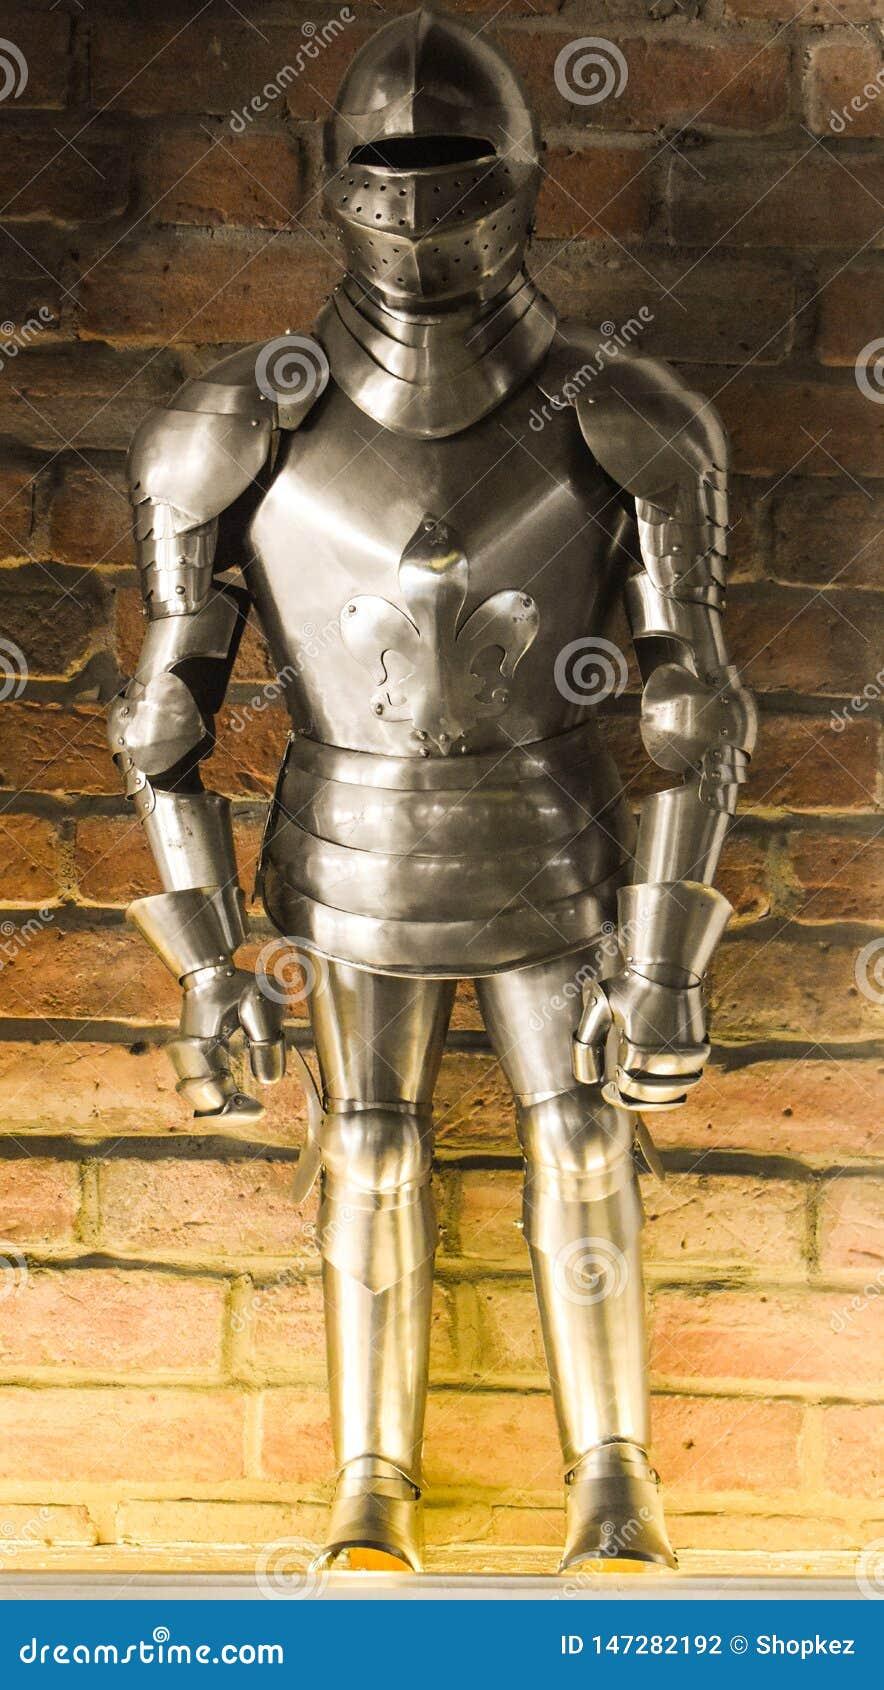 Rocznik kamizelki kuloodpornej europejski pełny kostium przeciw ściany z cegieł tłu